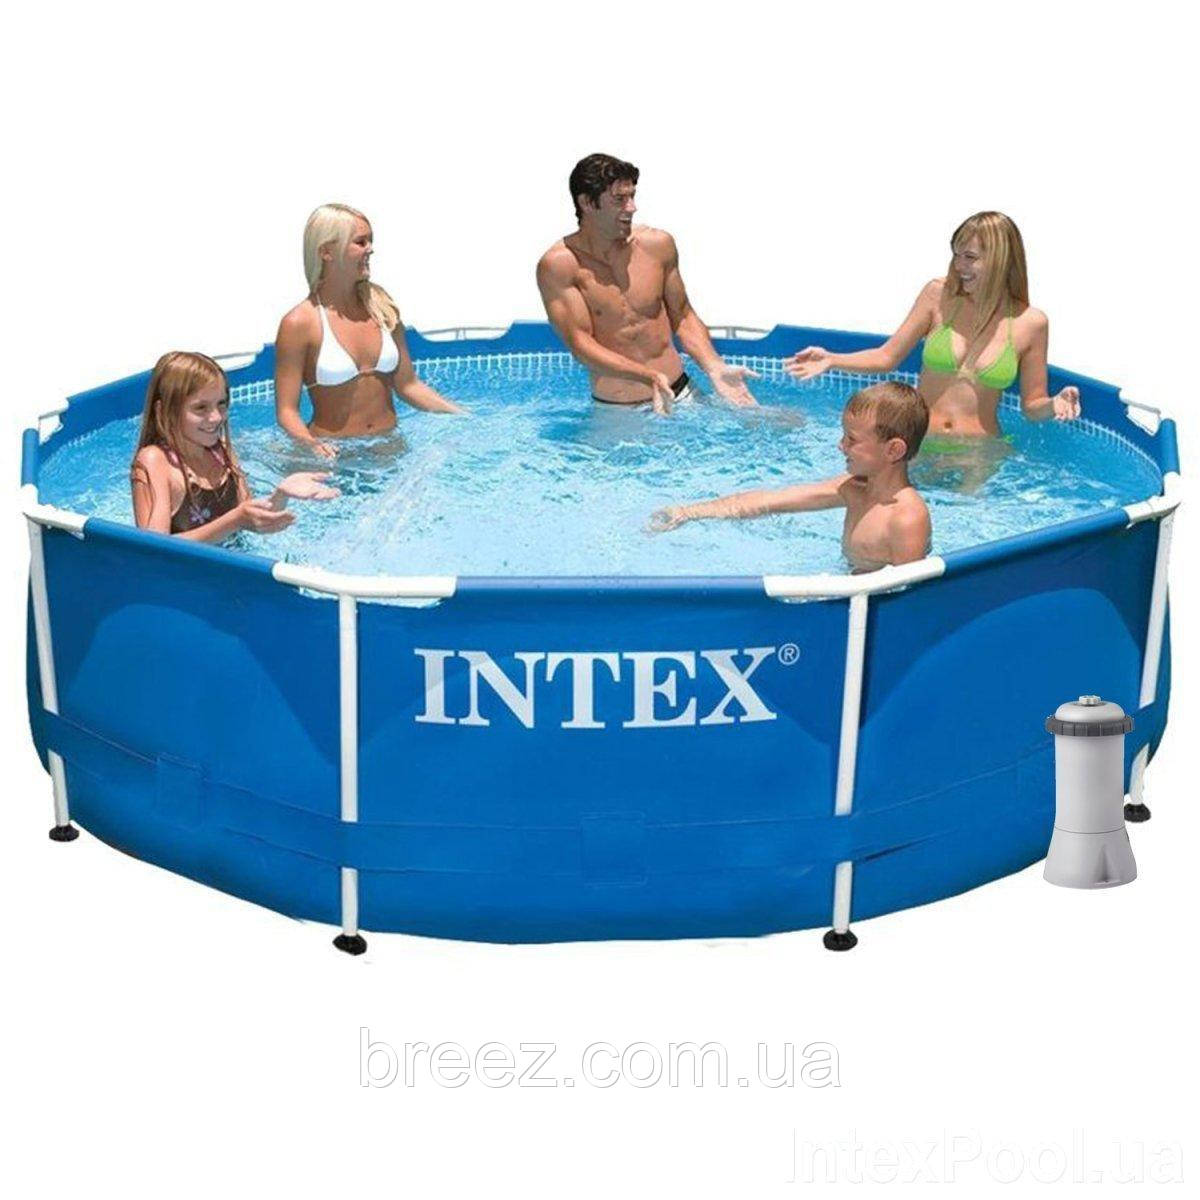 Каркасный бассейн Intex 28200 - 4 305 х 76 см 2 006 л/ч, тент, подстилка